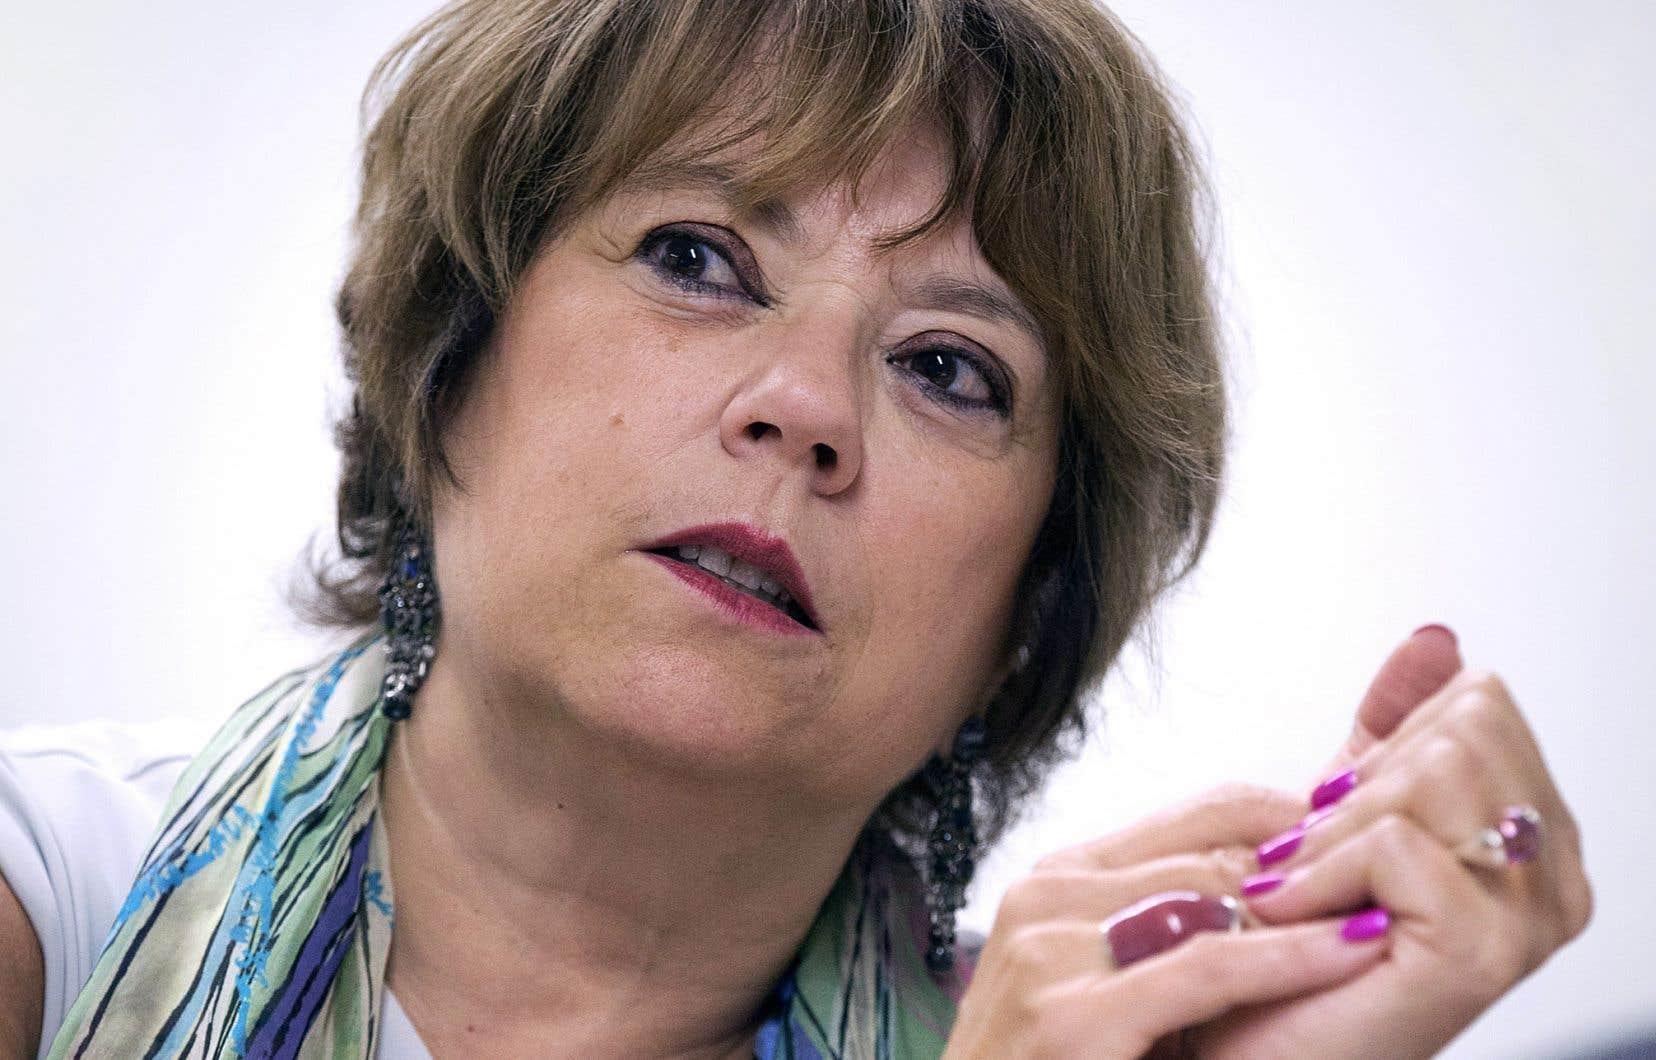 Ce n'est pas à l'État de dire aux femmes combien d'enfants elles devraient avoir, estime la ministre Hélène David.